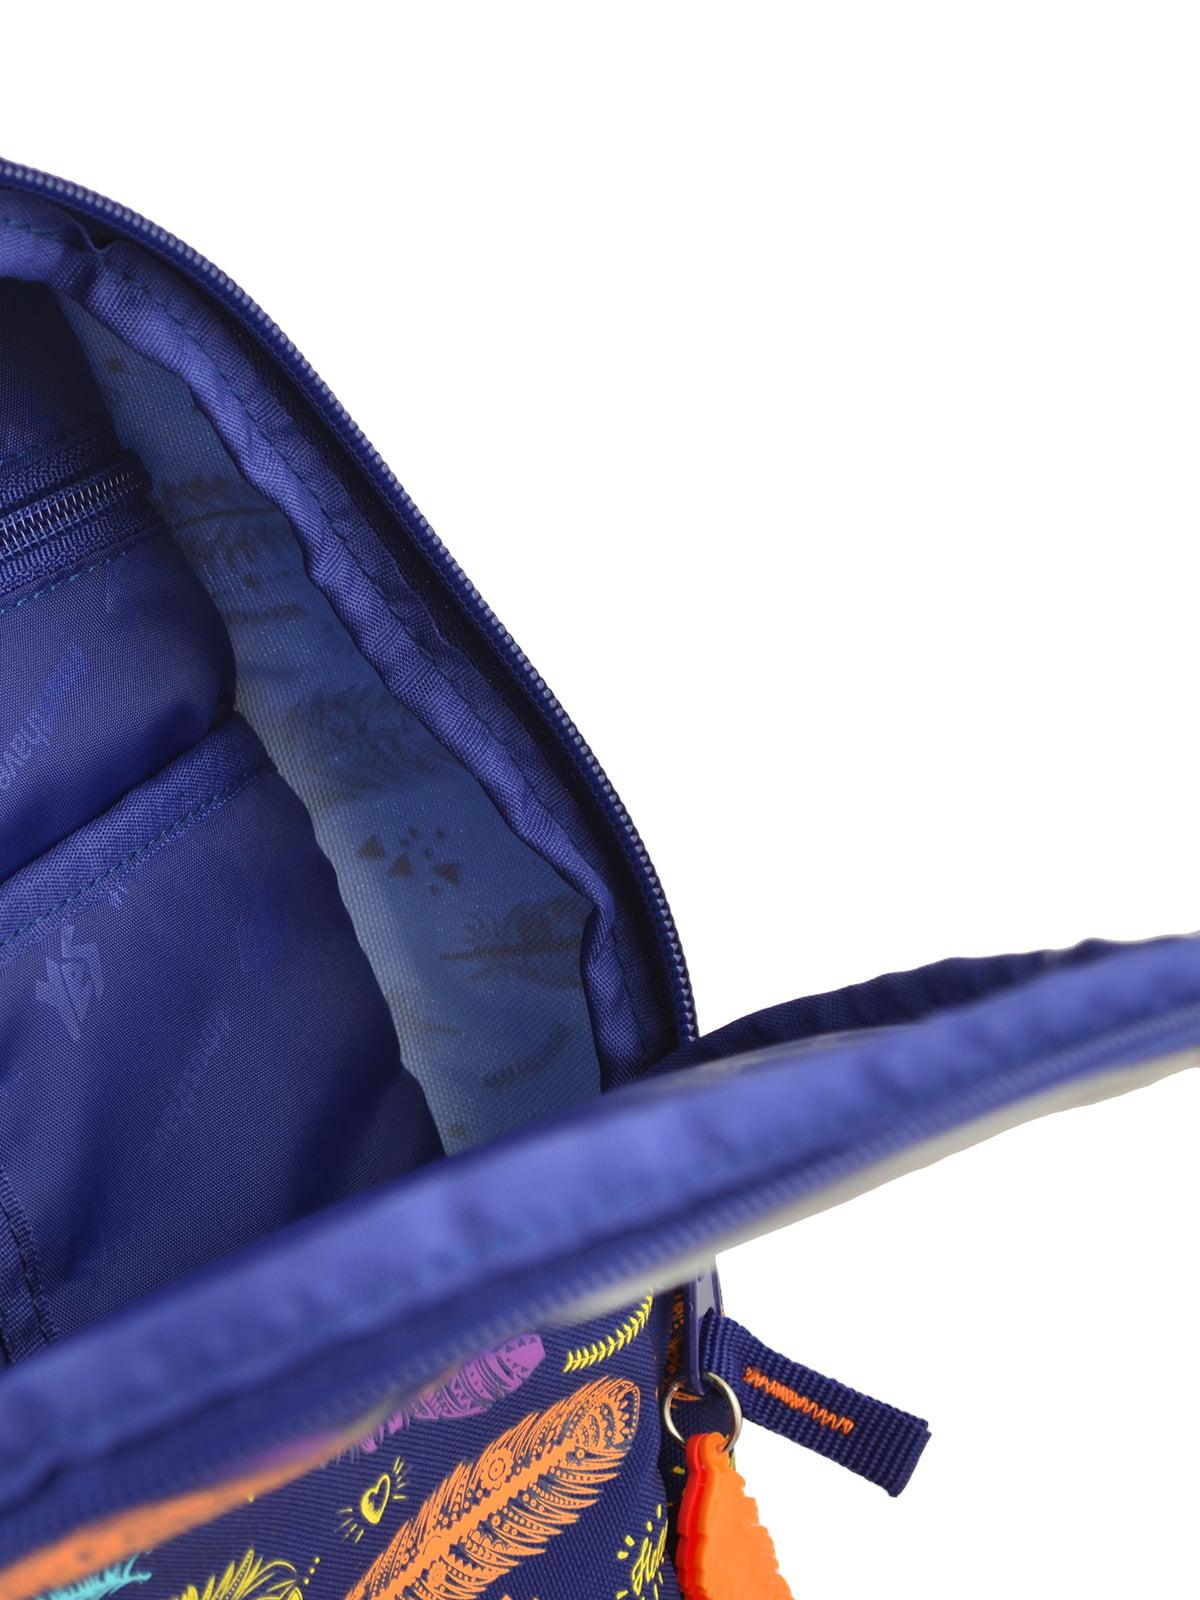 Рюкзак синій в принт | 4214931 | фото 5